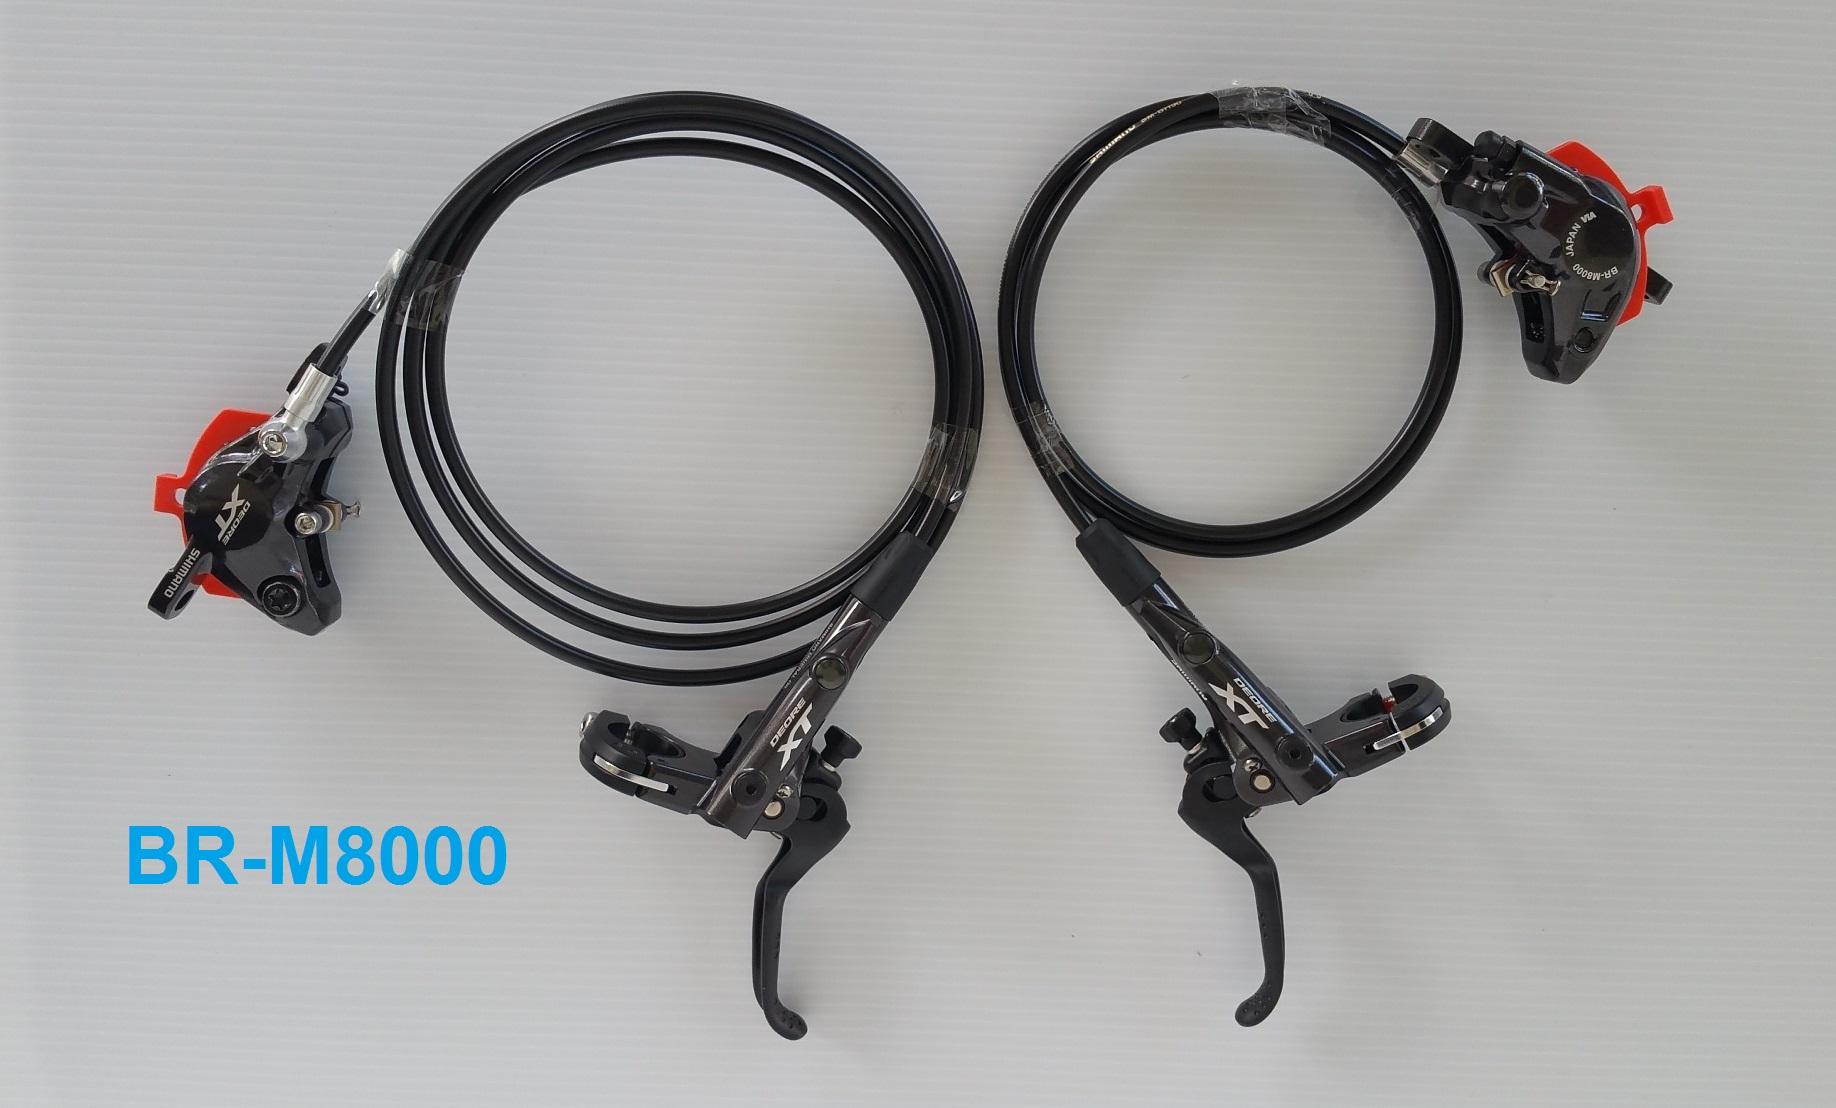 ดิสเบรค Shimano XT BR-M8000 สีดำ